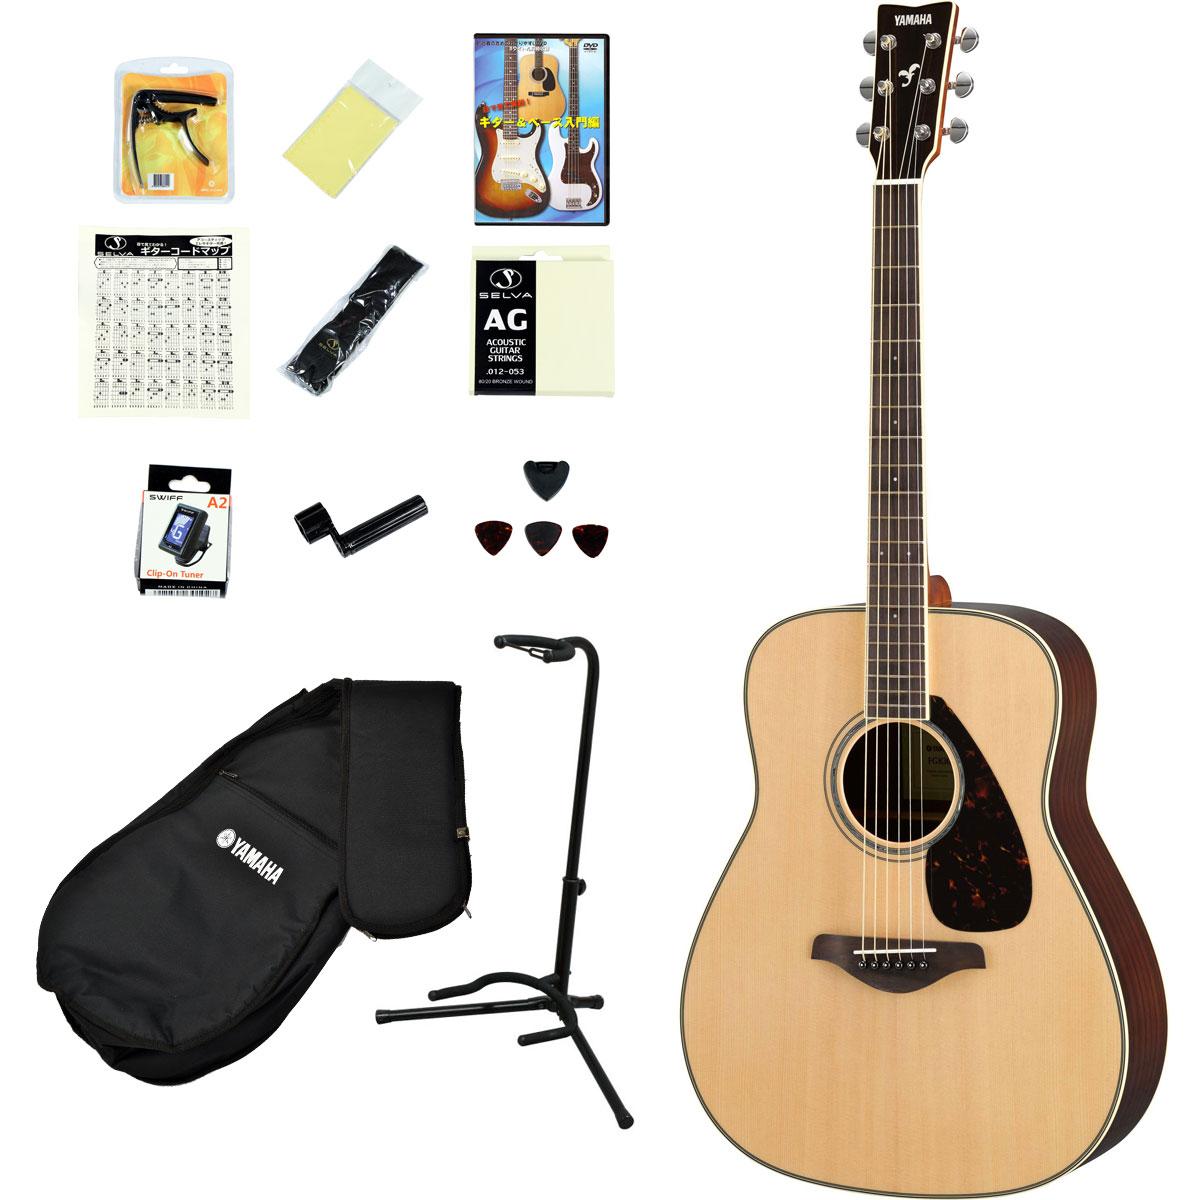 YAMAHA / FG830 NT(ナチュラル) 【アコースティックギター14点入門セット!】 ヤマハ アコギ フォークギター FG-830 入門 初心者【YRK】